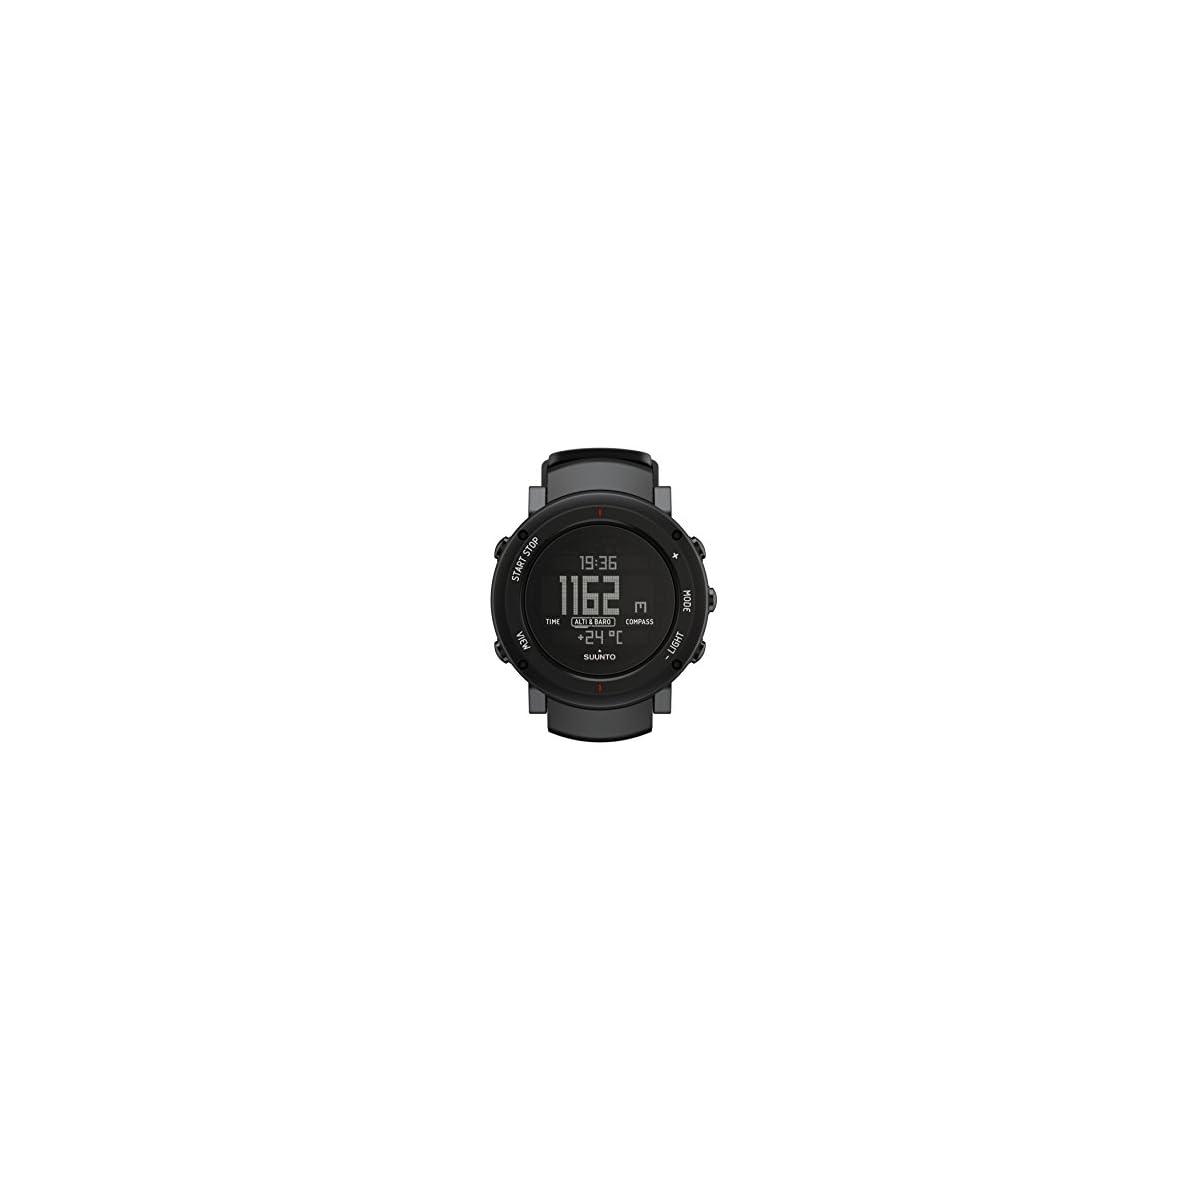 31FCSYvPcWL. SS1200  - Suunto Core Alu Deep - Reloj de exterior para todas las altitudes, sumergible (30 m), con altímetro y barómetro, esfera de aluminio, color aluminio y negro